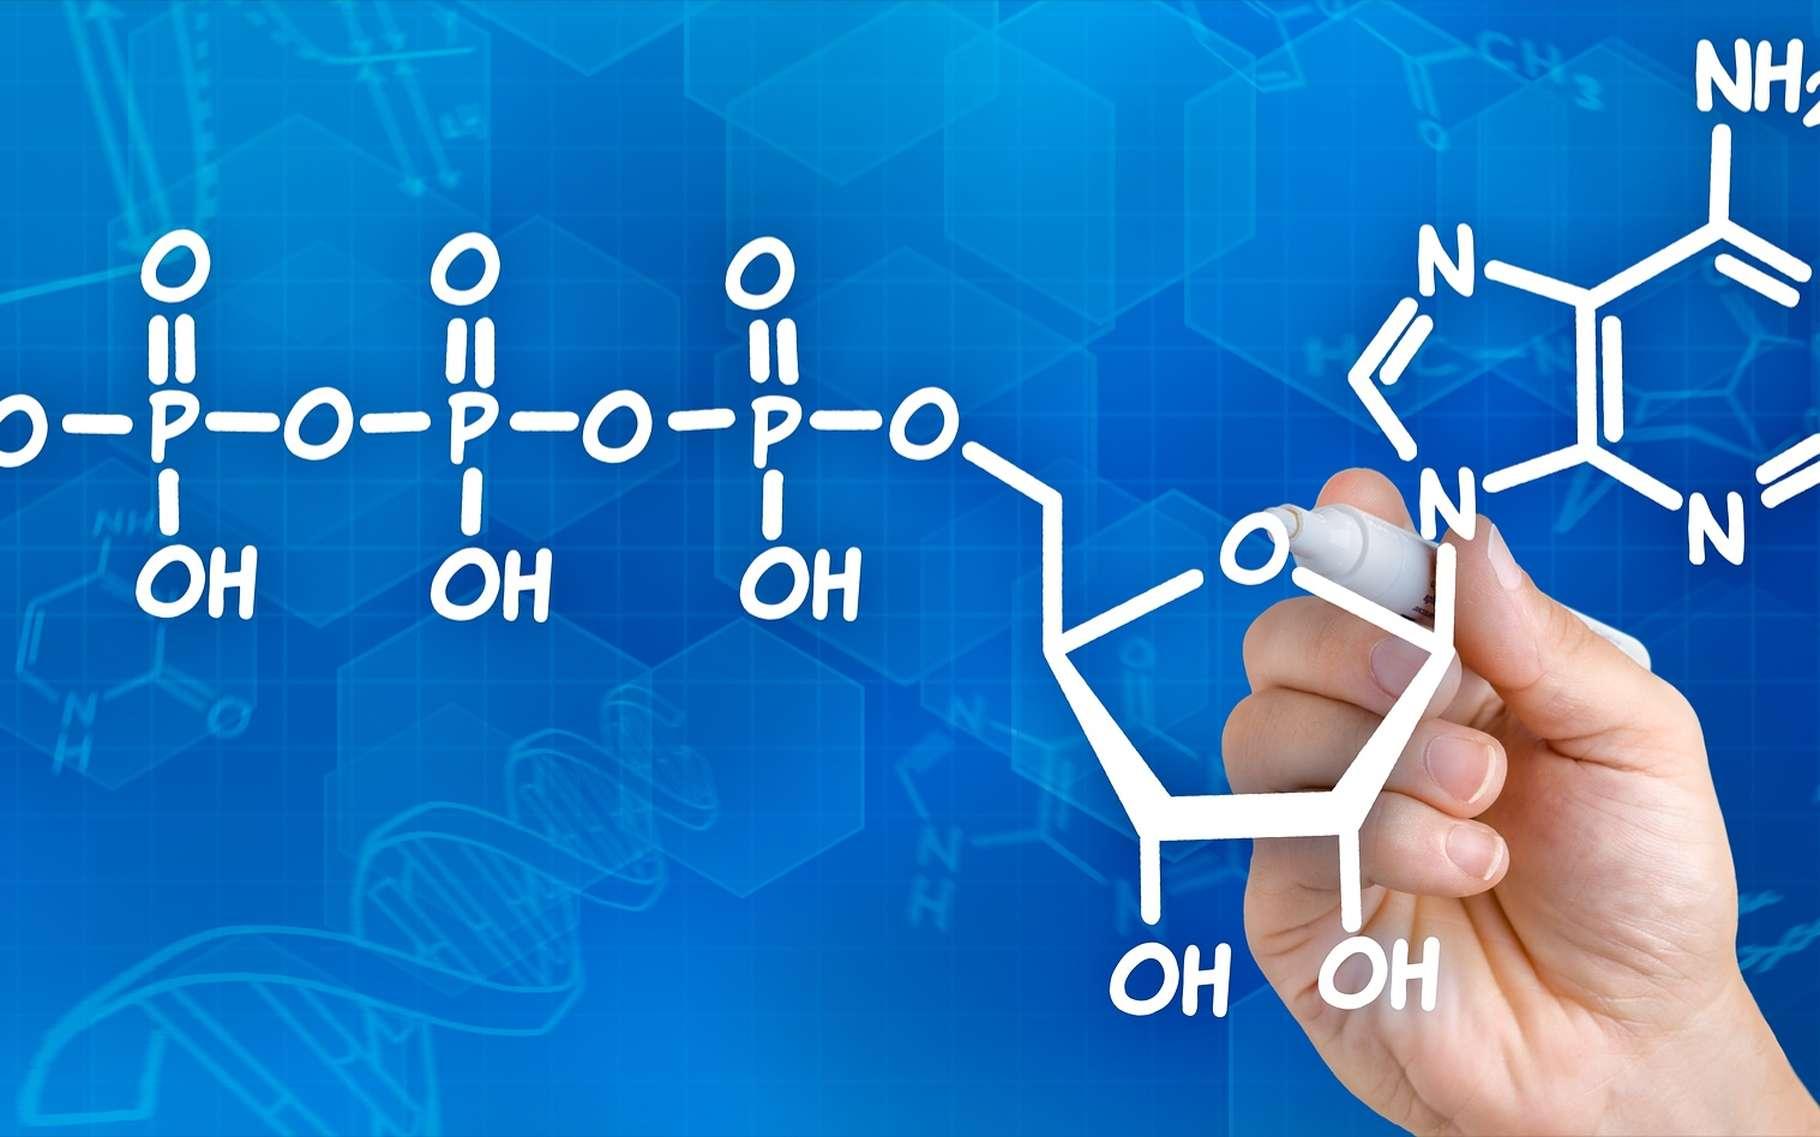 L'ATP fournit de l'énergie pour l'activité des cellules. © Zerbor, Shutterstock